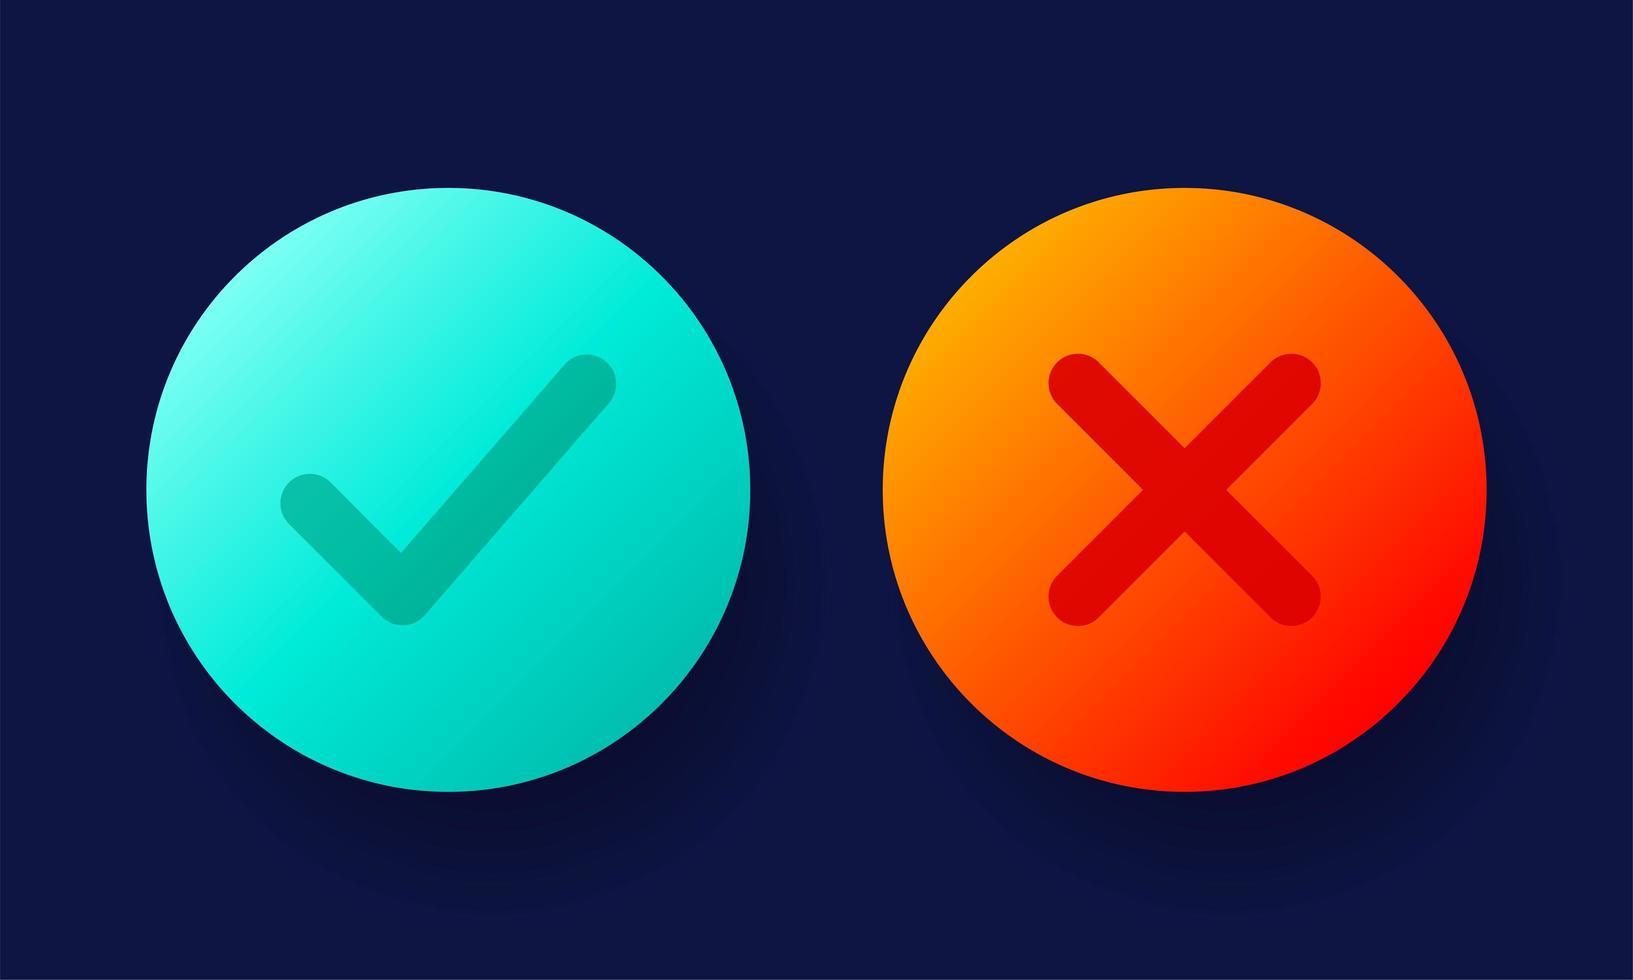 sinais de escala e cruz. marca de seleção verde ok e ícones x vermelhos, isolados no fundo branco. design gráfico de marcas simples. símbolos de círculo sim e não botão para voto, decisão, web. ilustração vetorial vetor